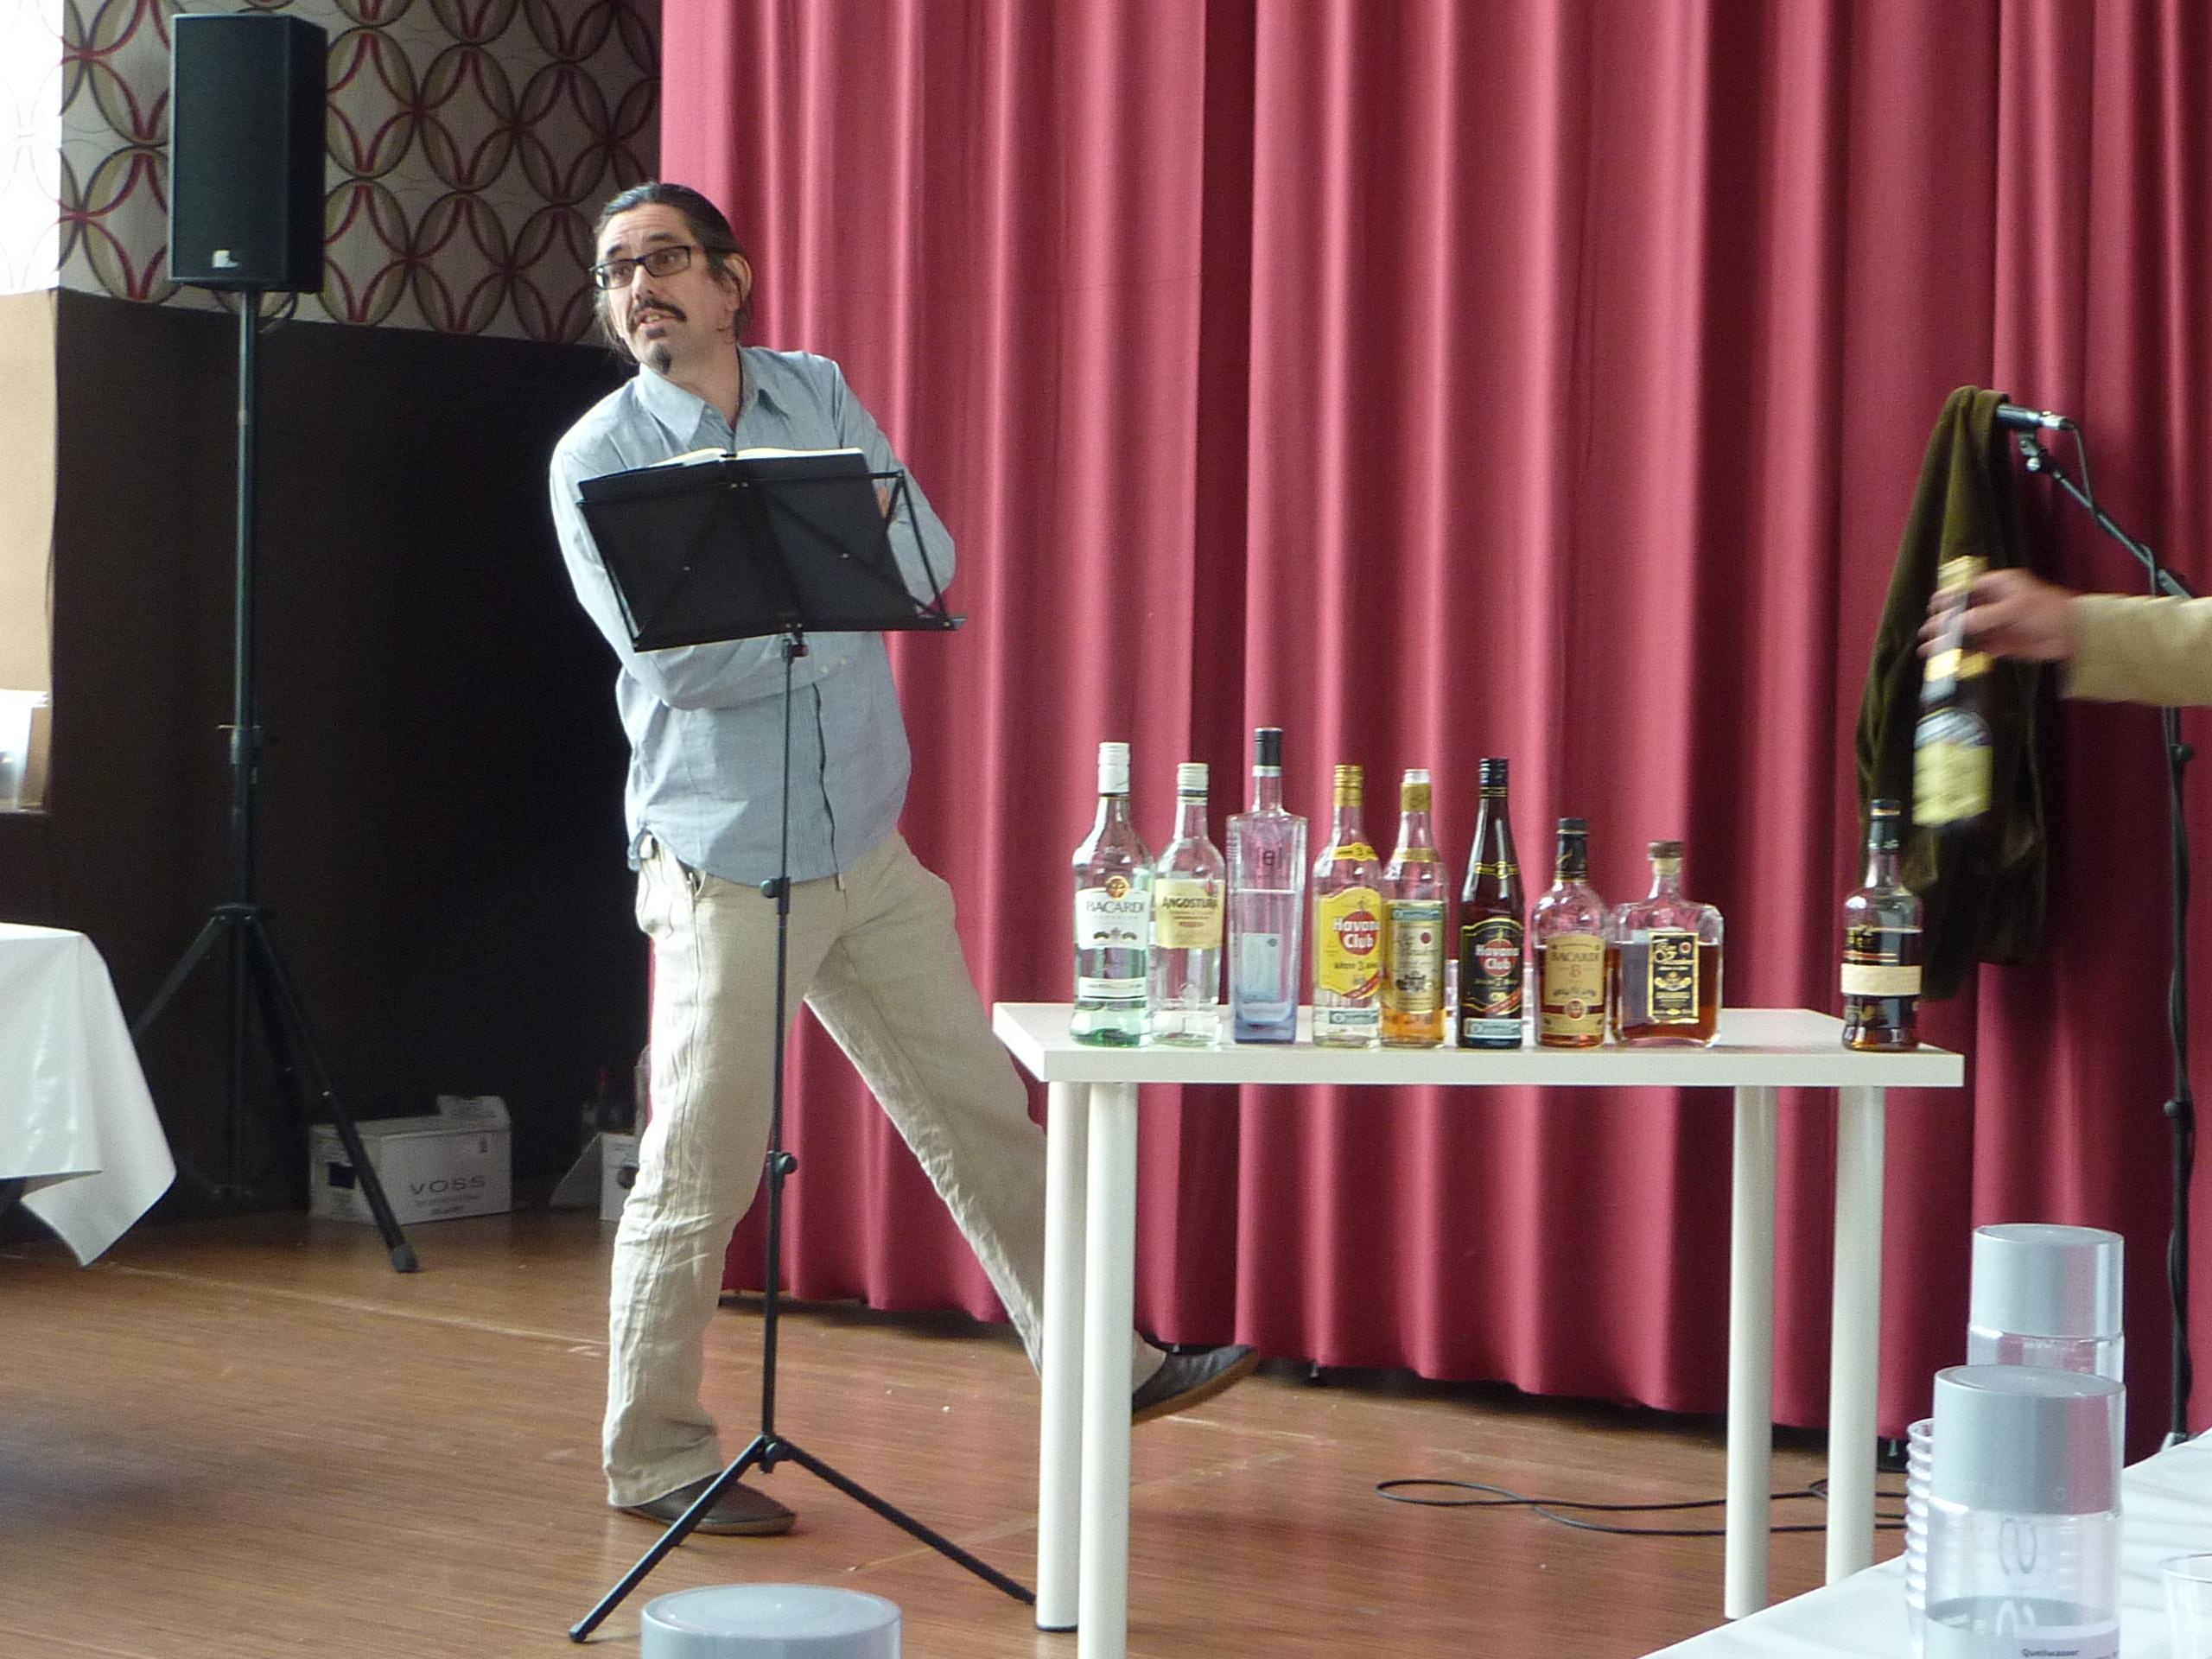 Dave in seinem Element. Dabei entgeht ihm der freche Rum-Grabscher, rechts im Bild.